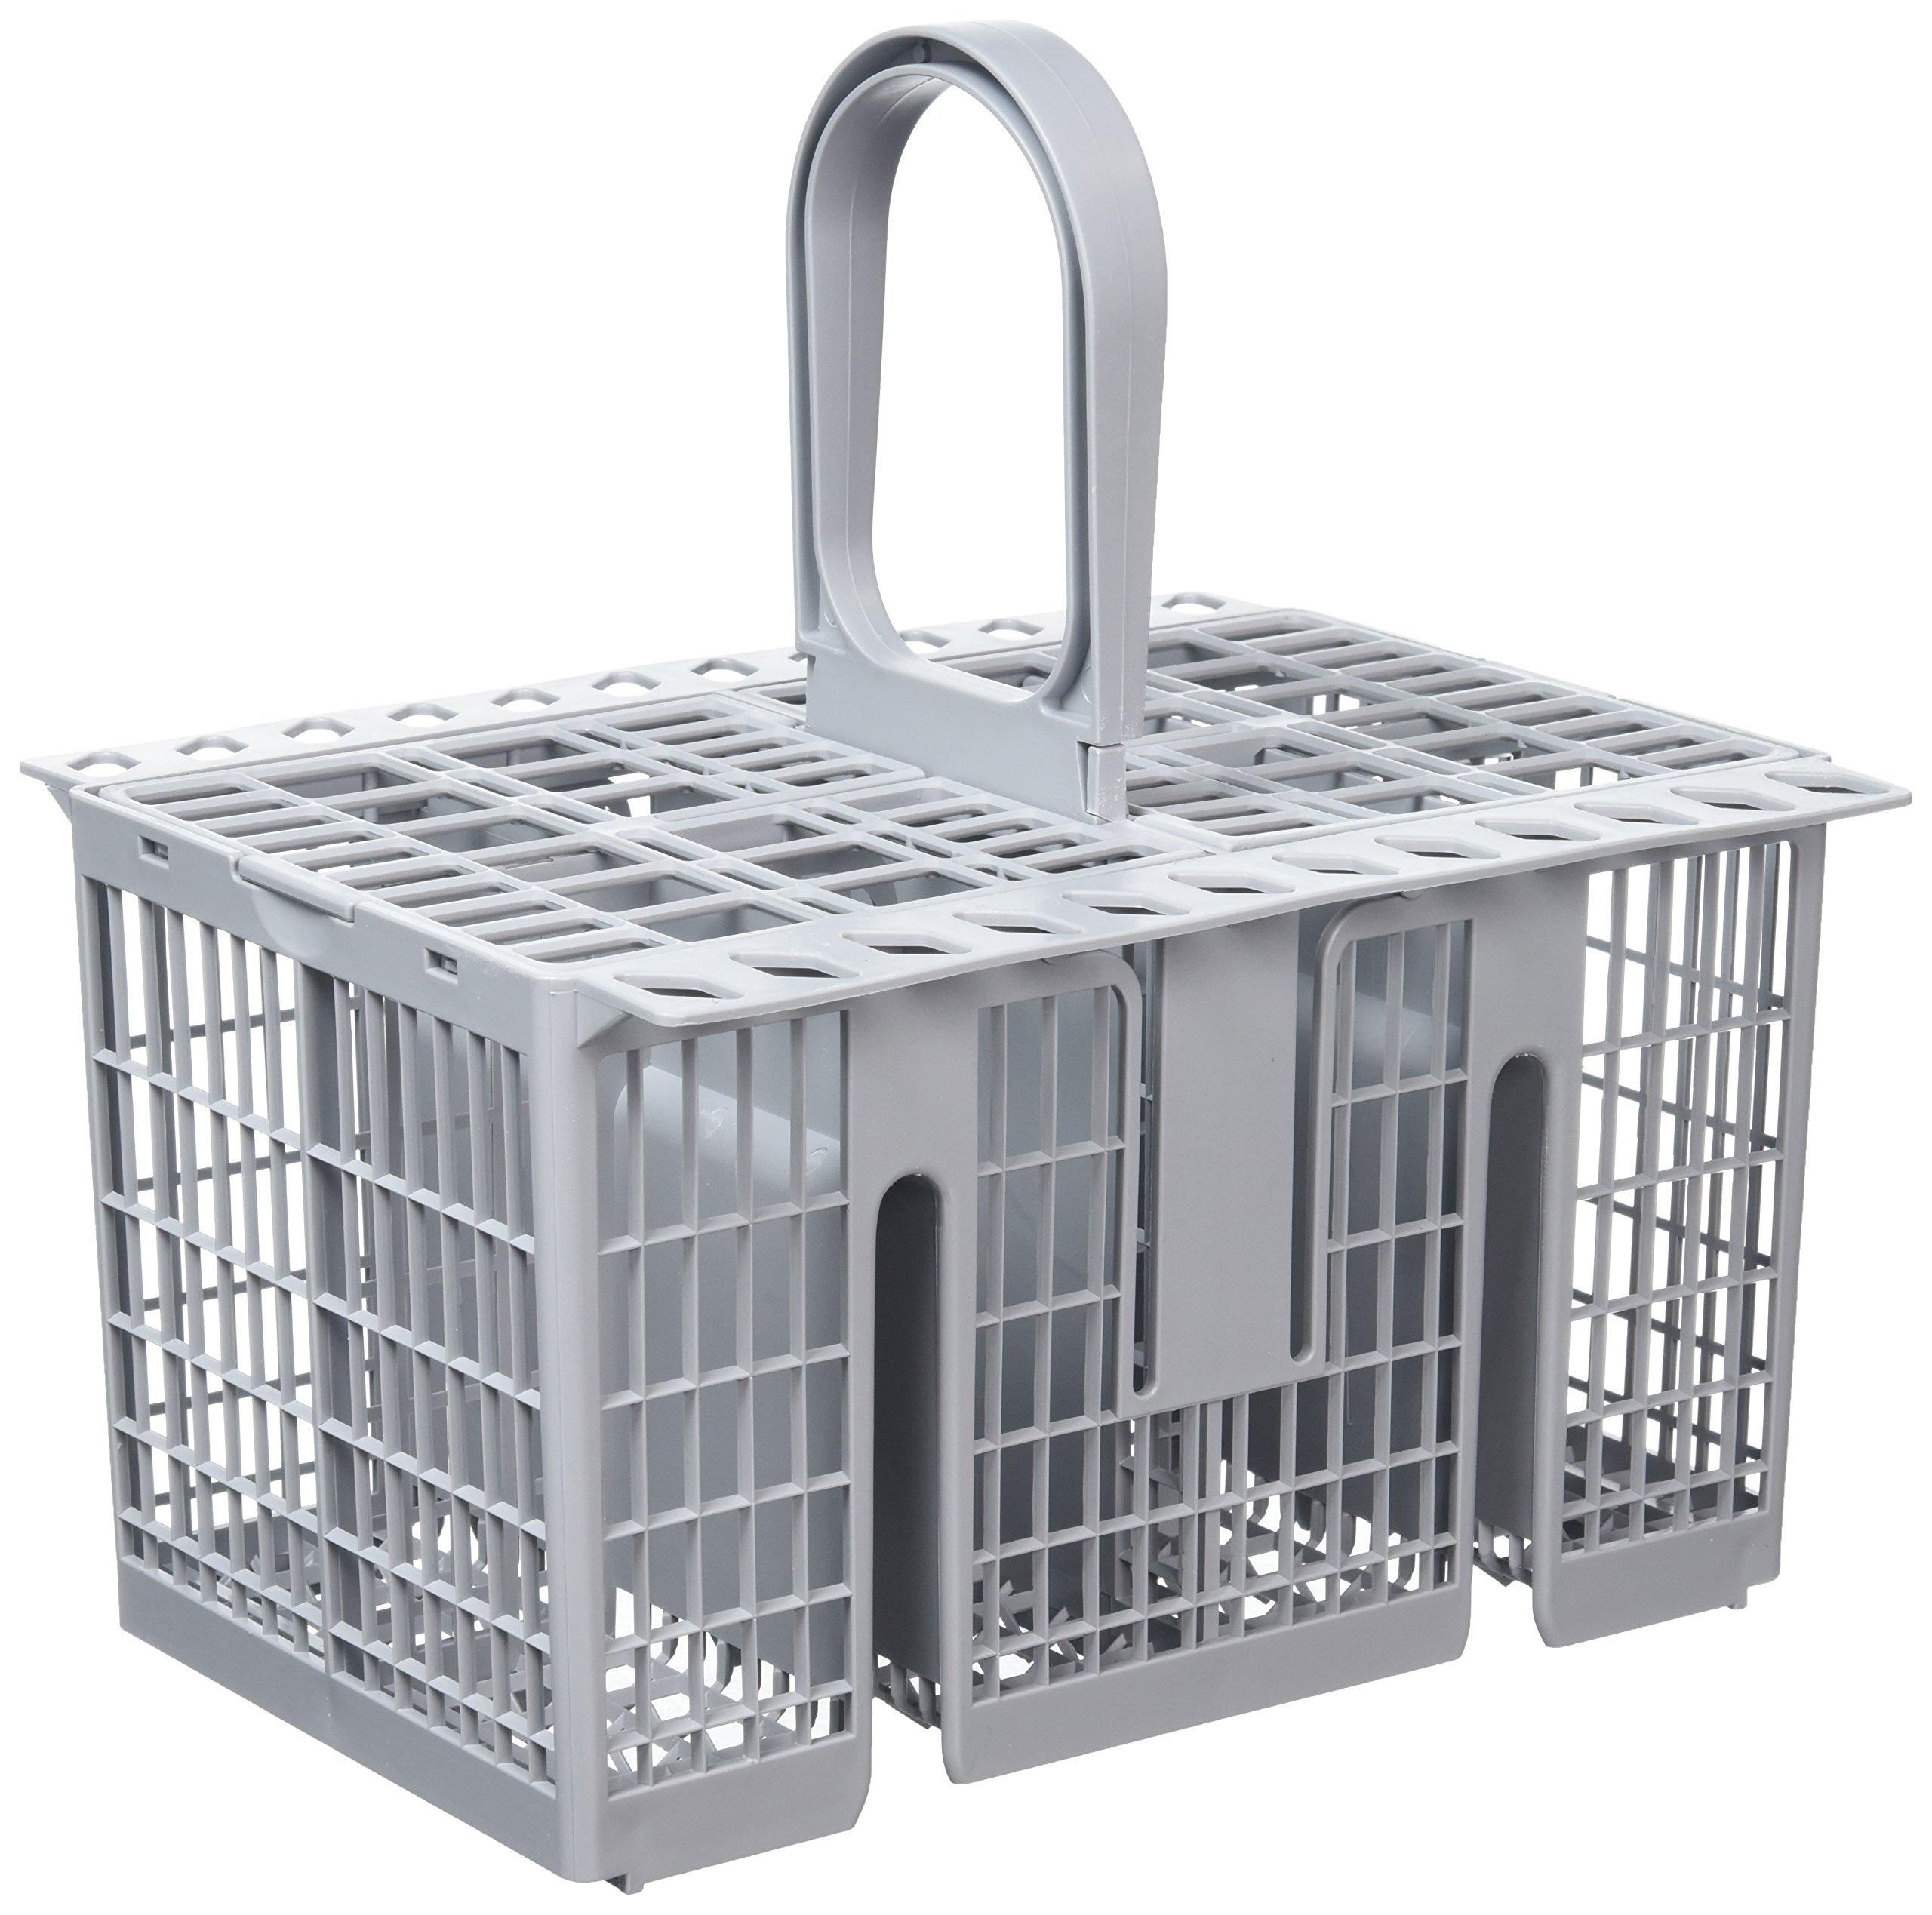 Genuine Hotpoint Dishwasher Cutlery Basket